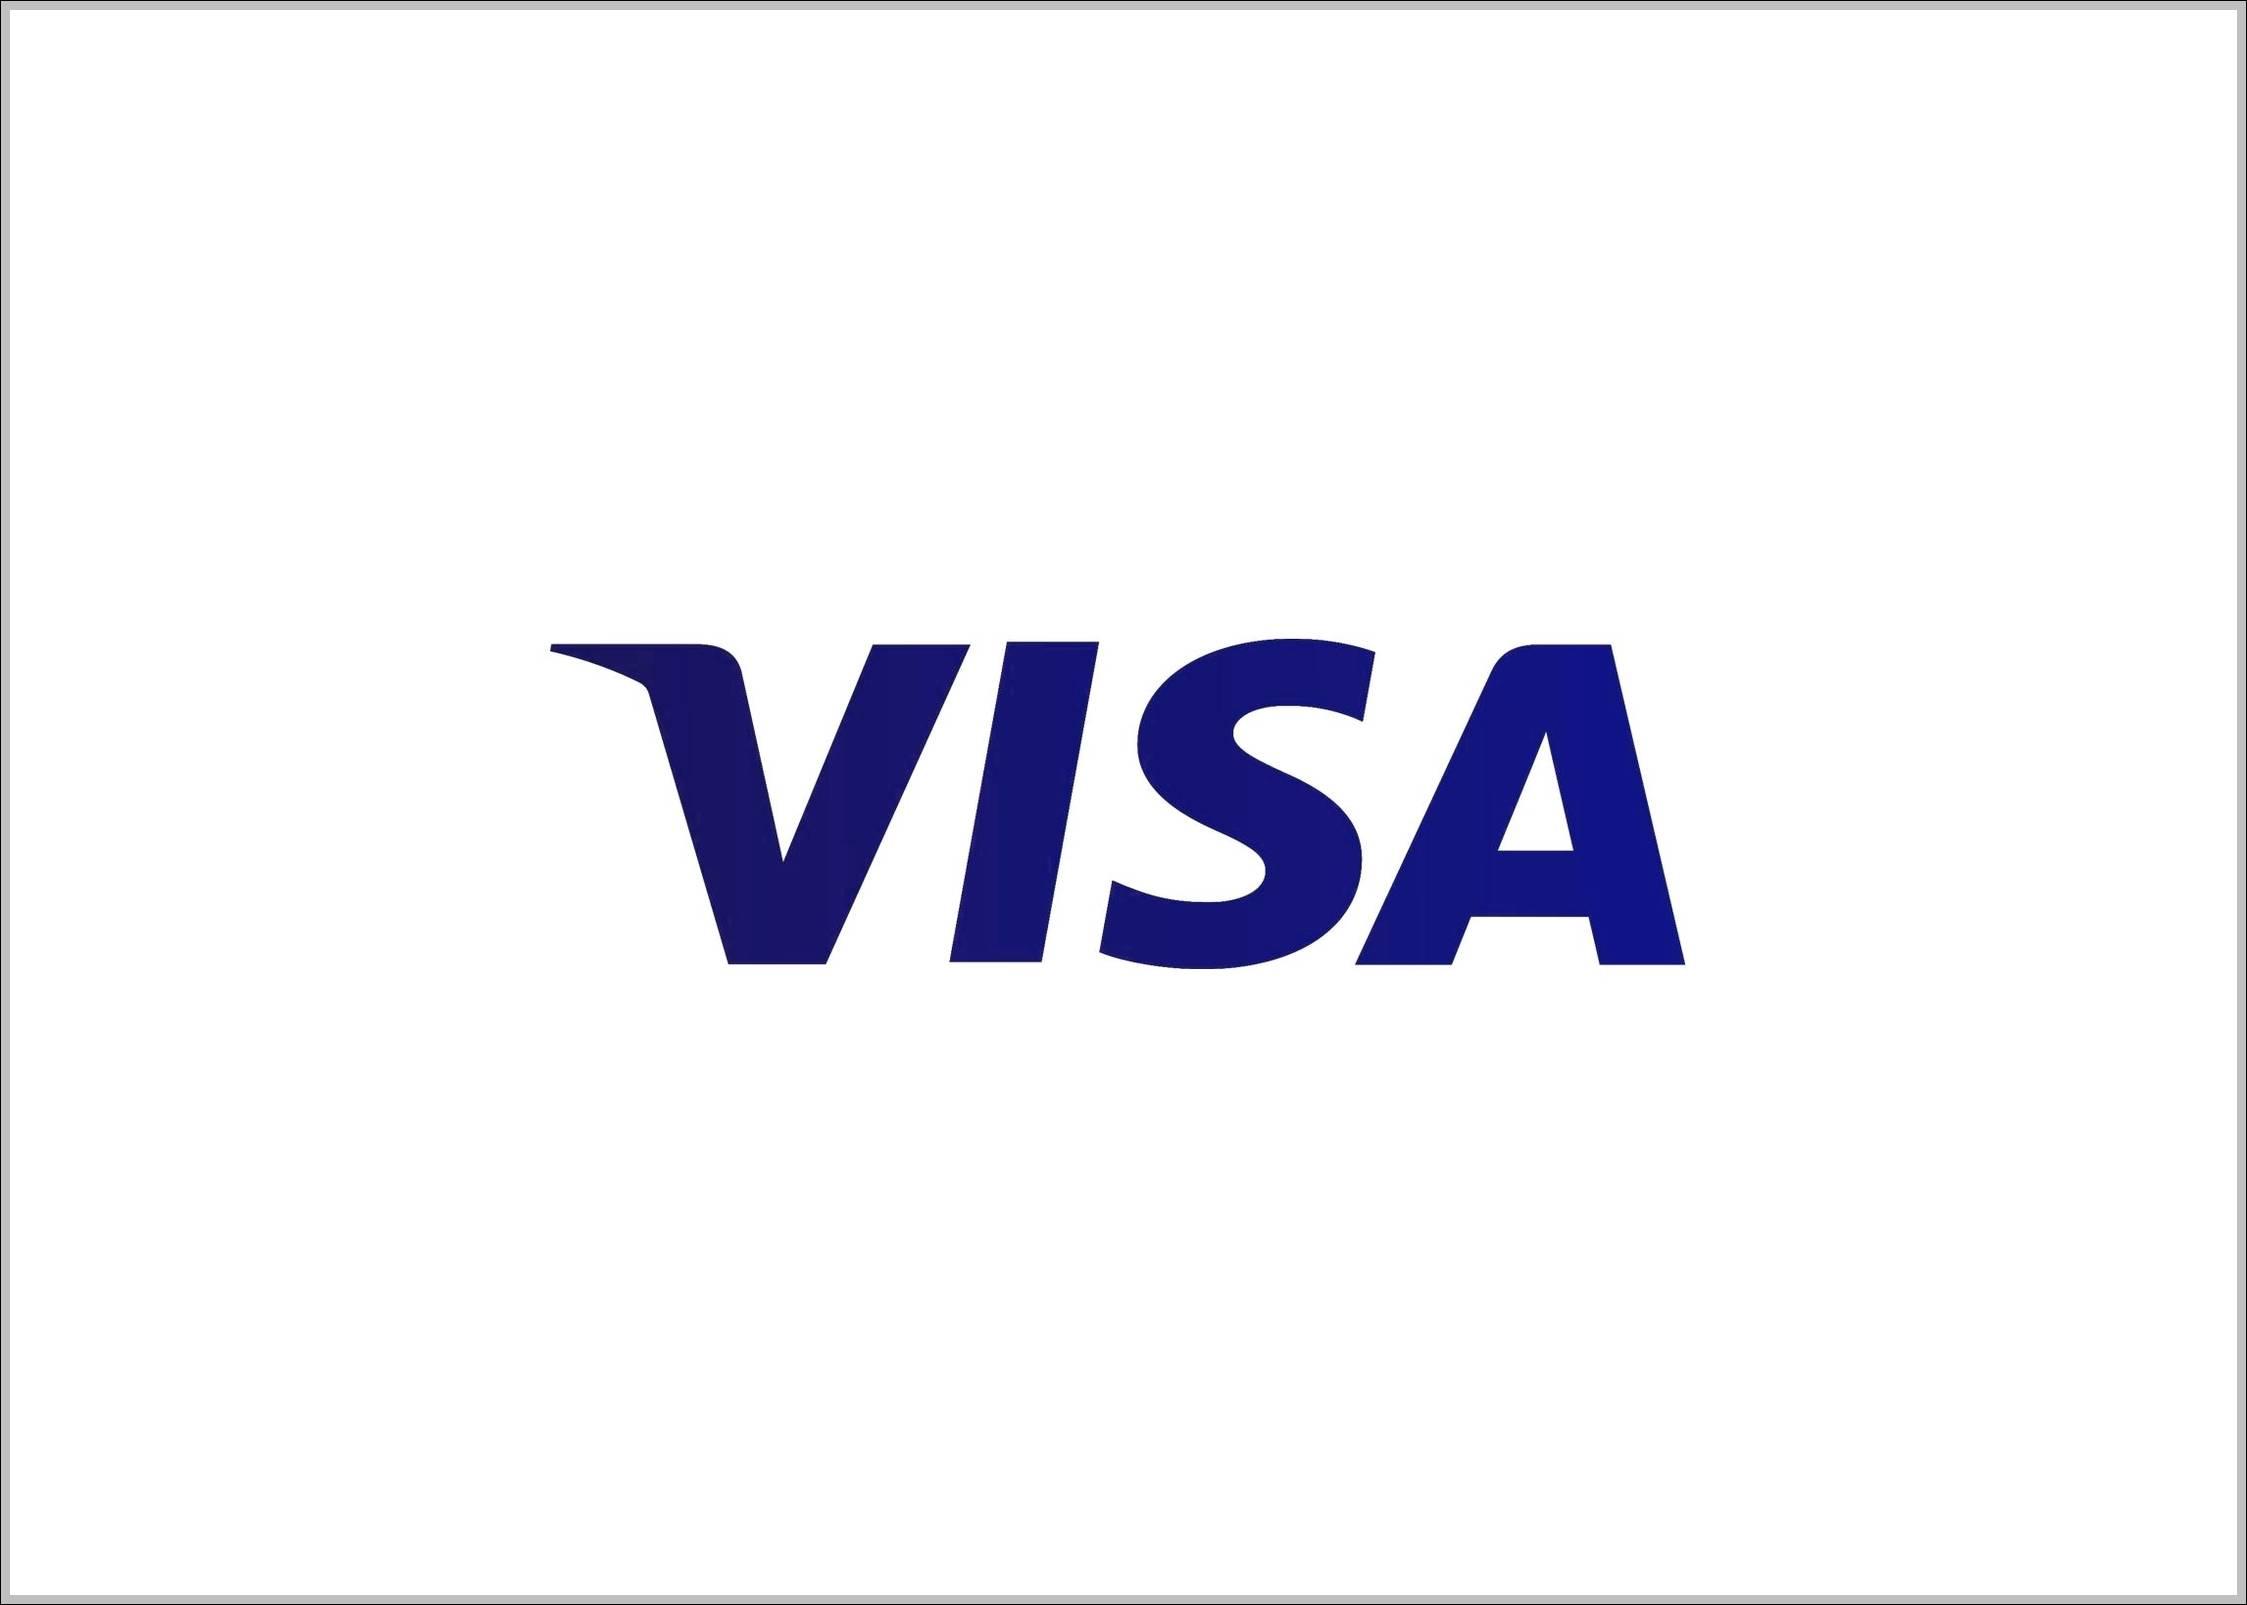 Visa 2014 logo blue